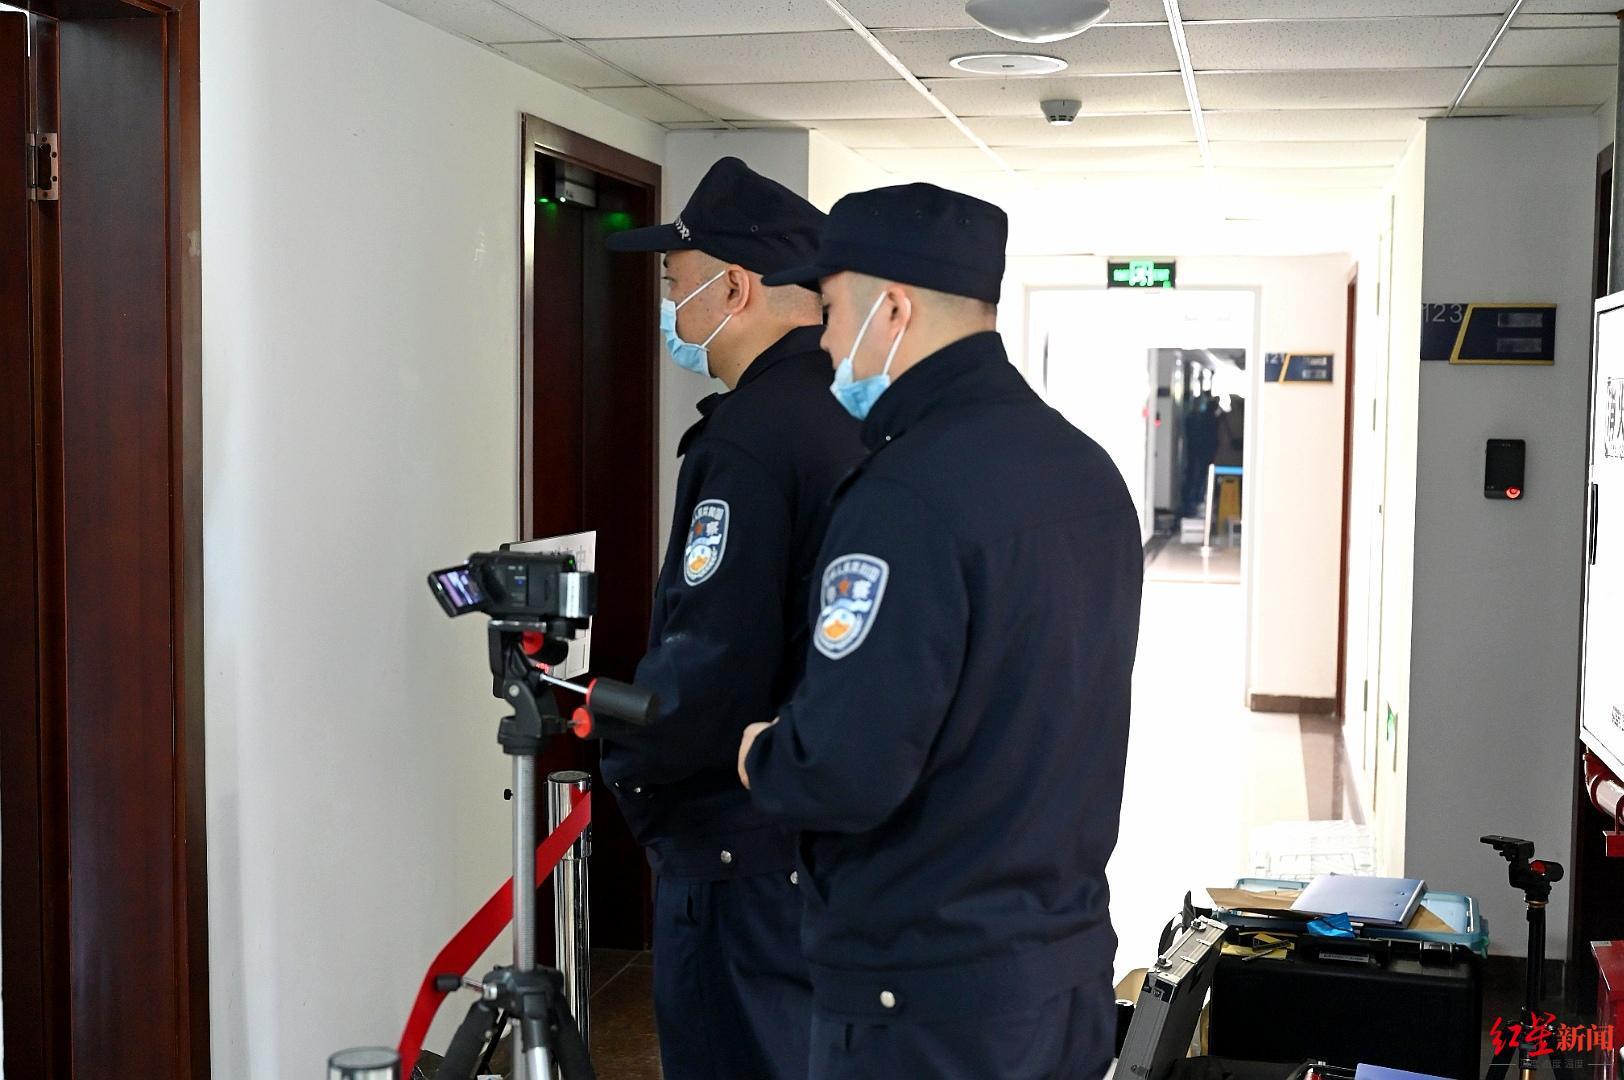 ↑考官全程录像记录每个幼组的现场勘查过程。